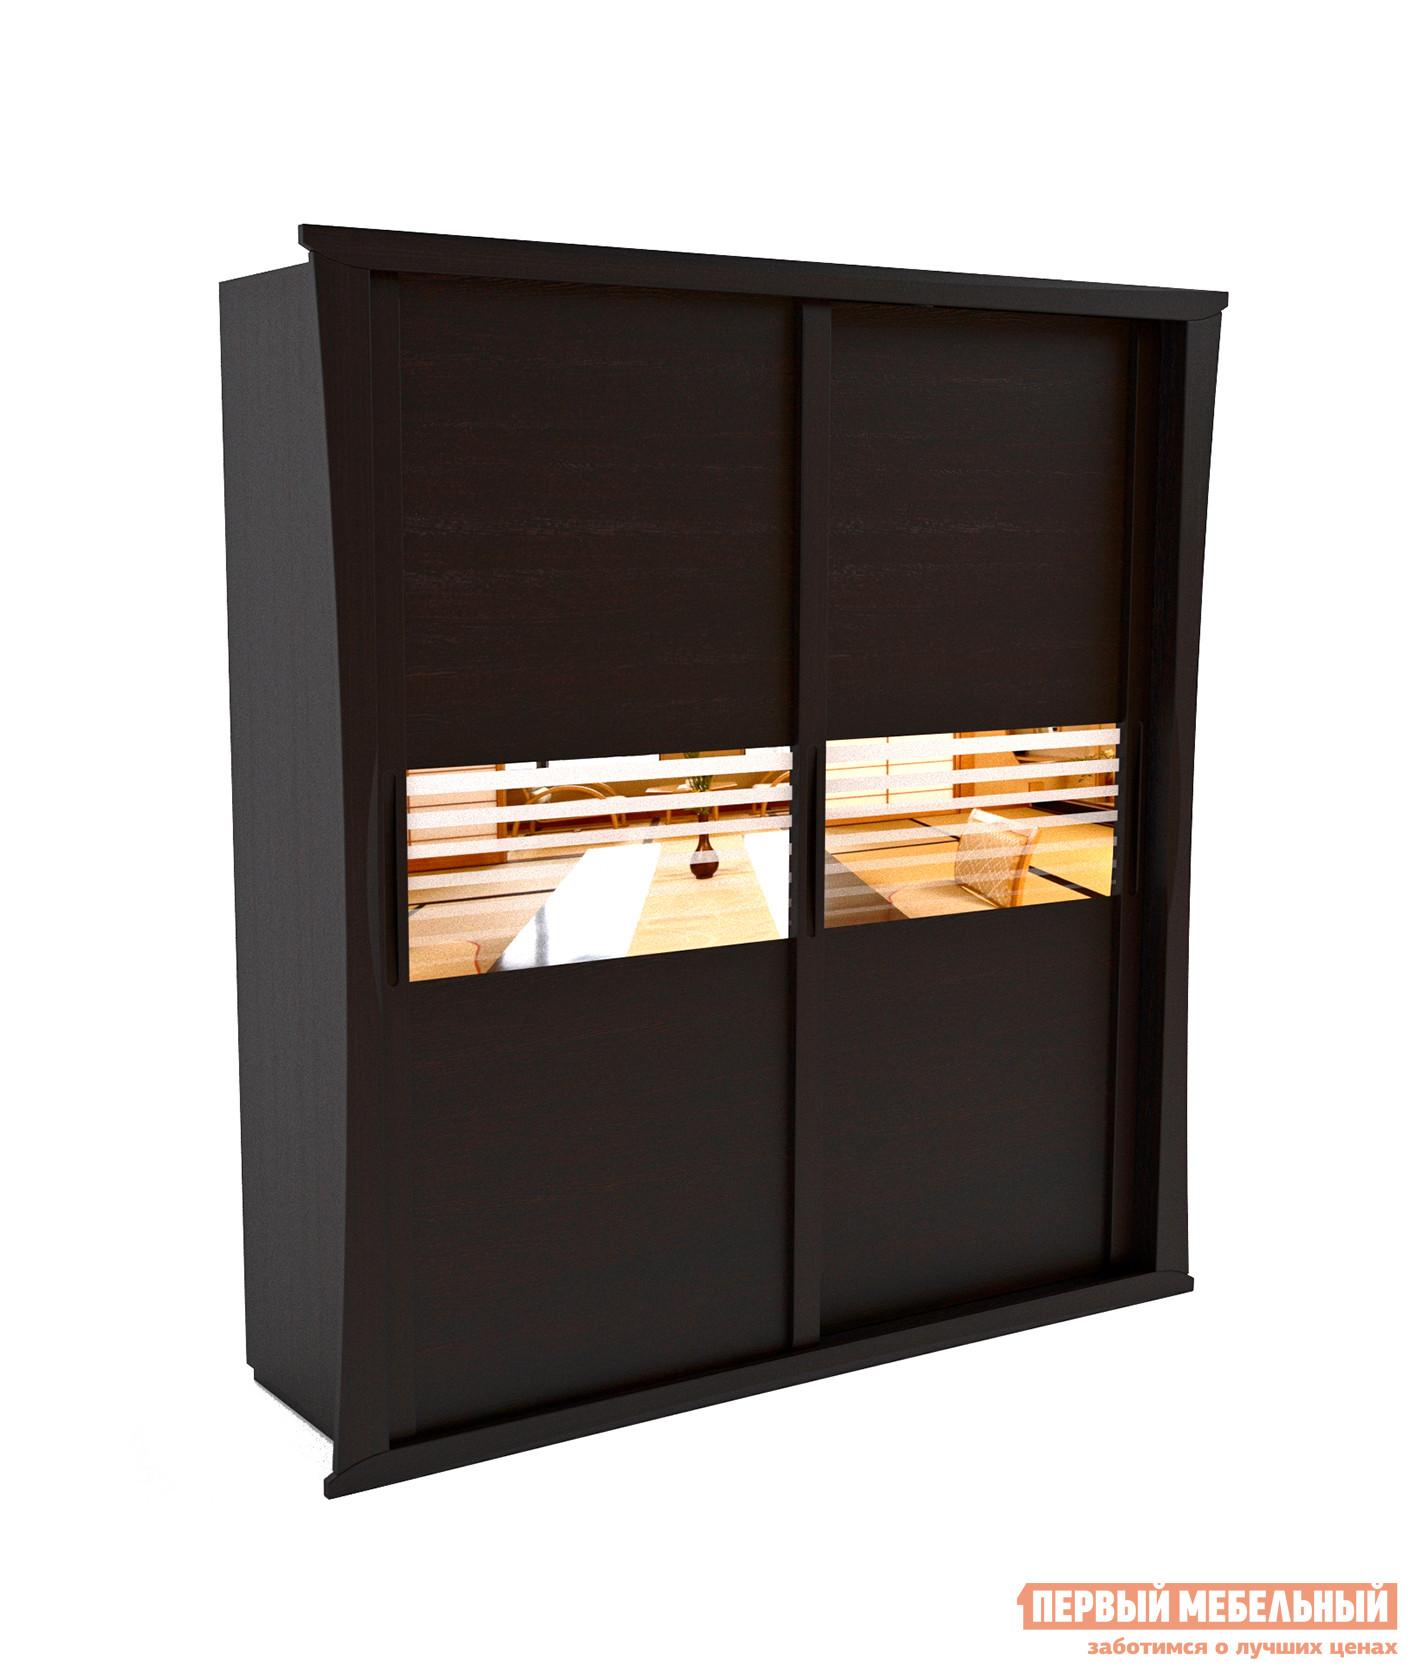 Шкаф-купе Первый Мебельный Сакура Шкаф купе шкаф купе мебелайн 9